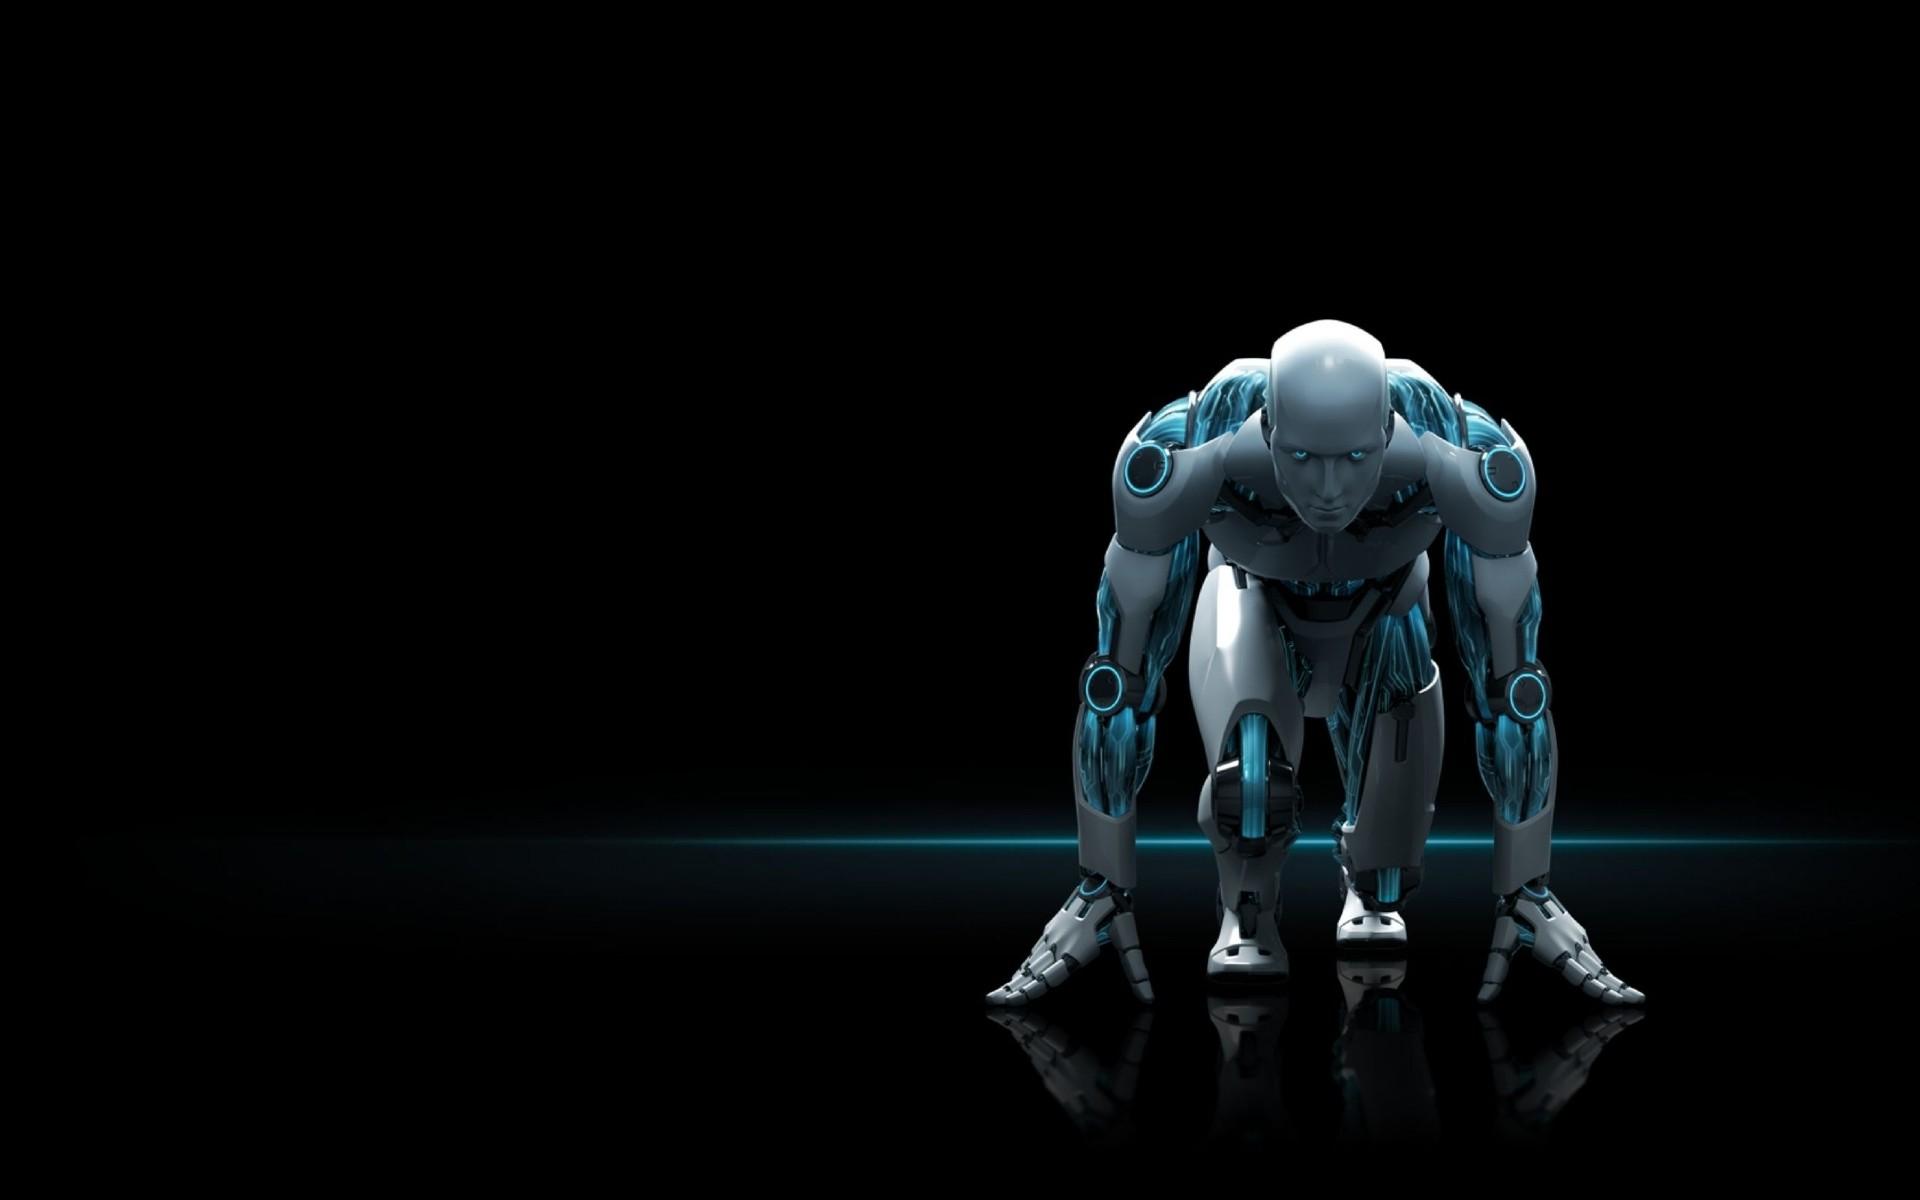 robots by Paullus23